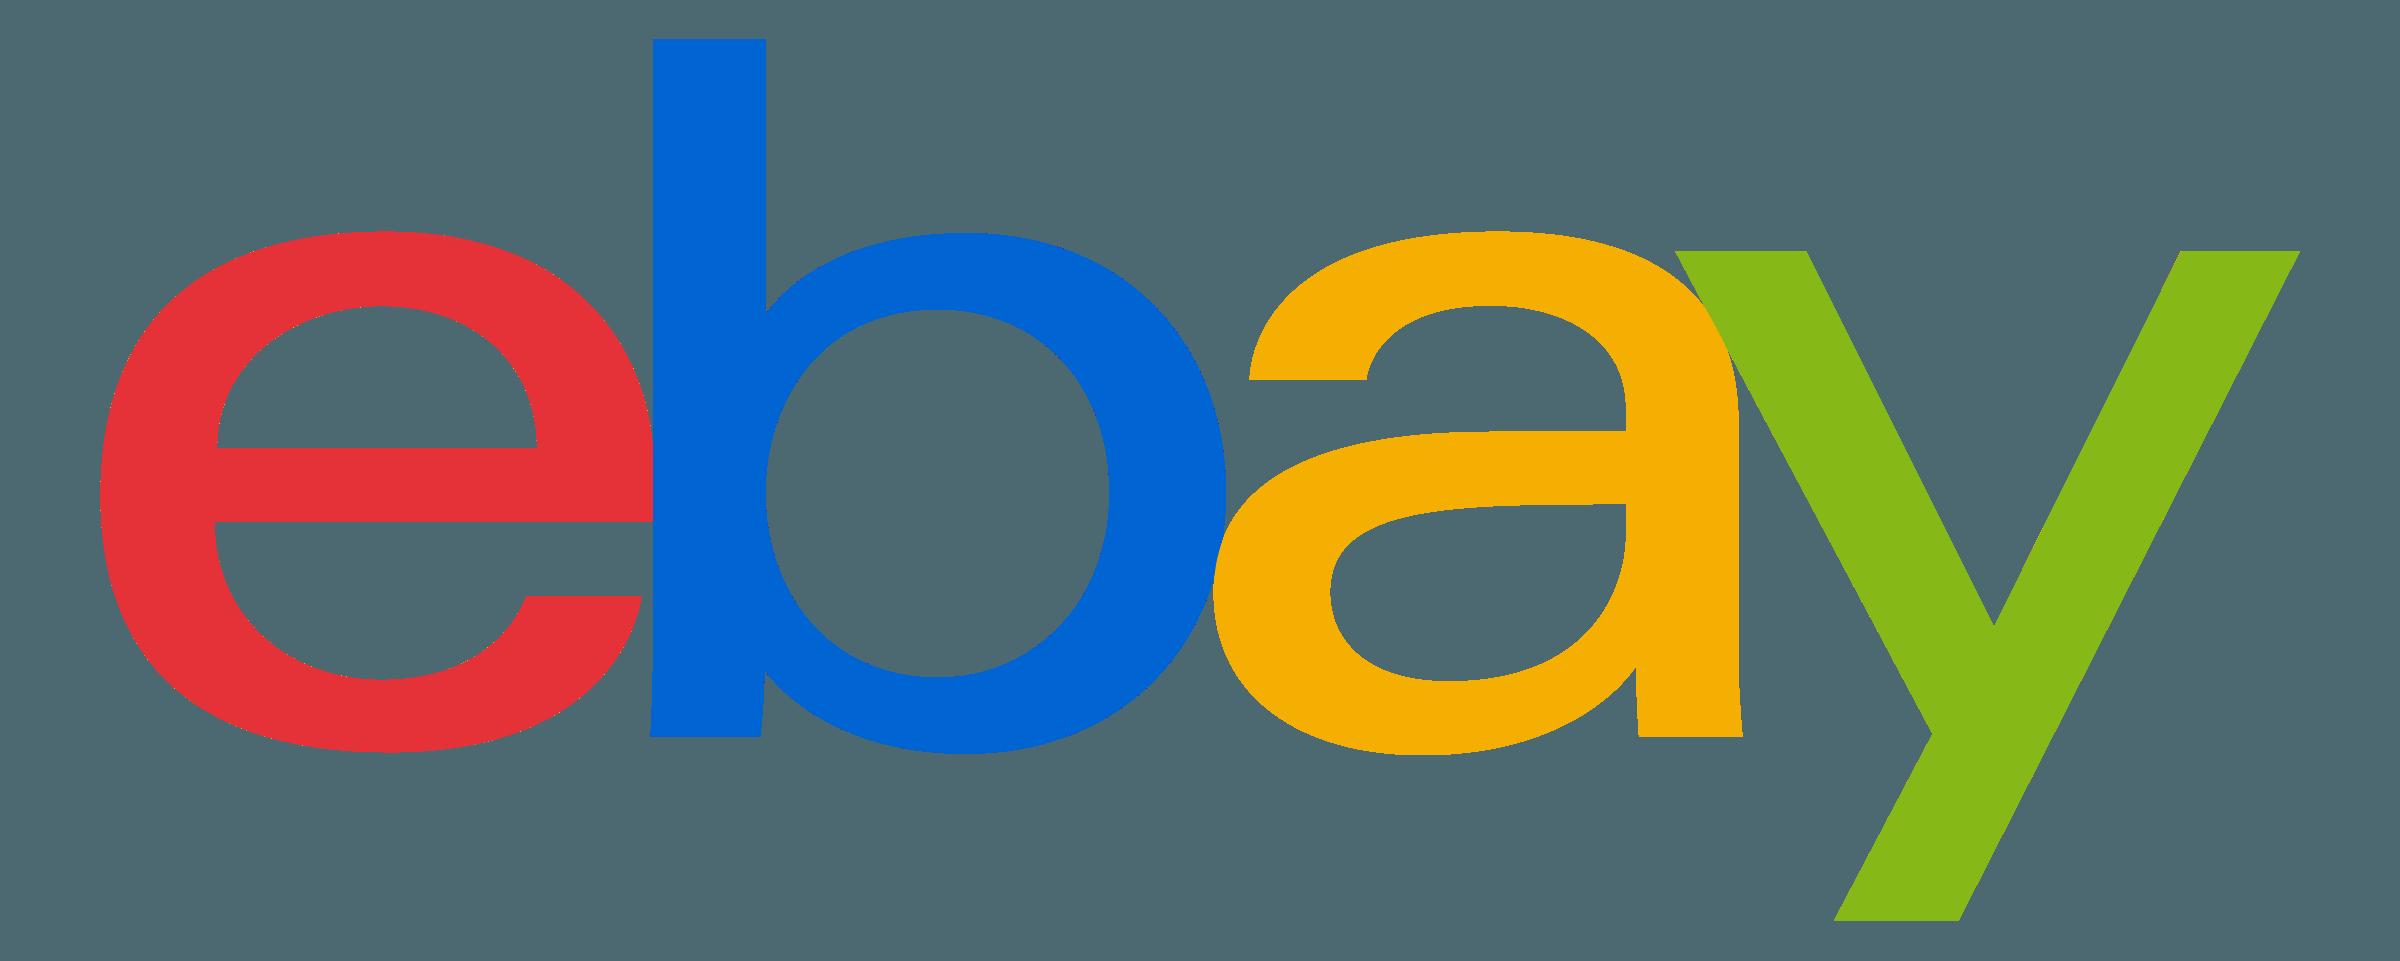 eBay Logo PNG - Ebay Vector PNG